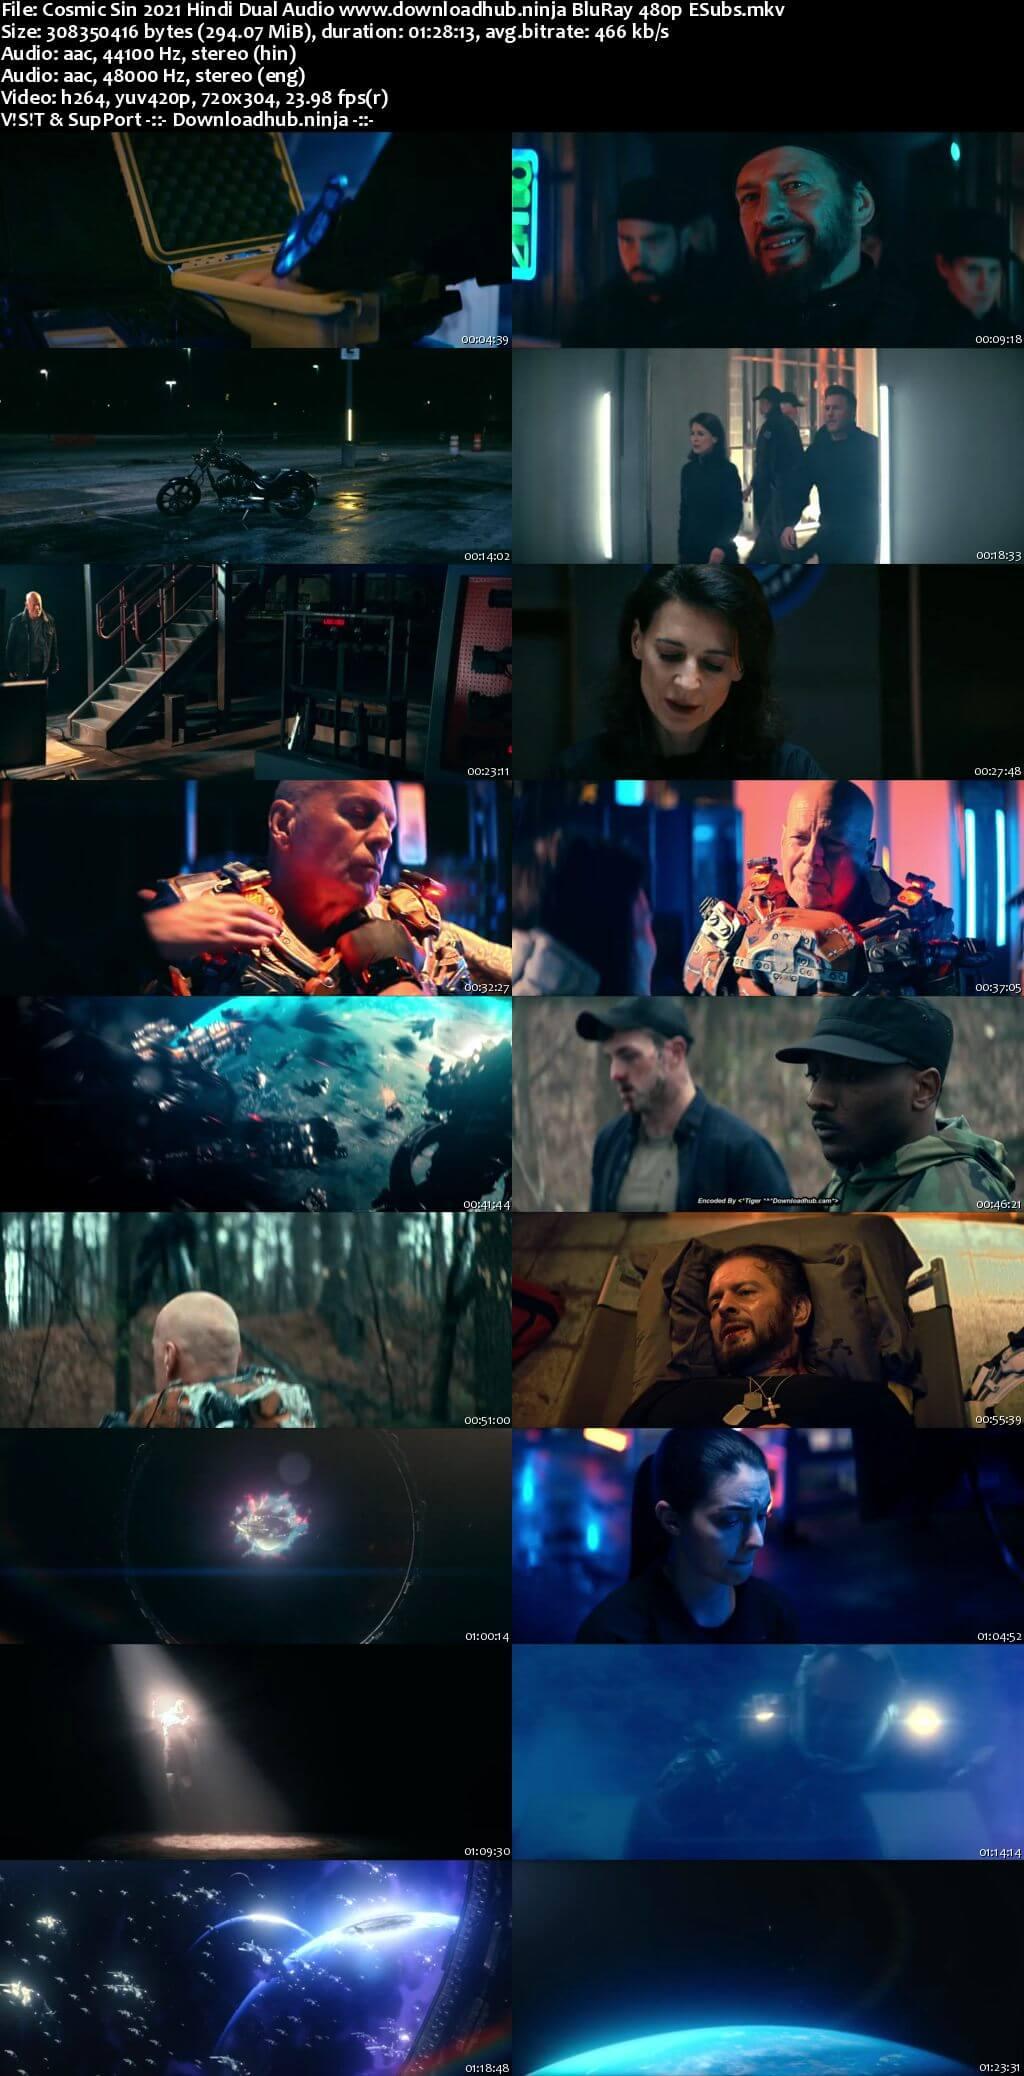 Cosmic Sin 2021 Hindi Dual Audio 300MB BluRay 480p ESubs